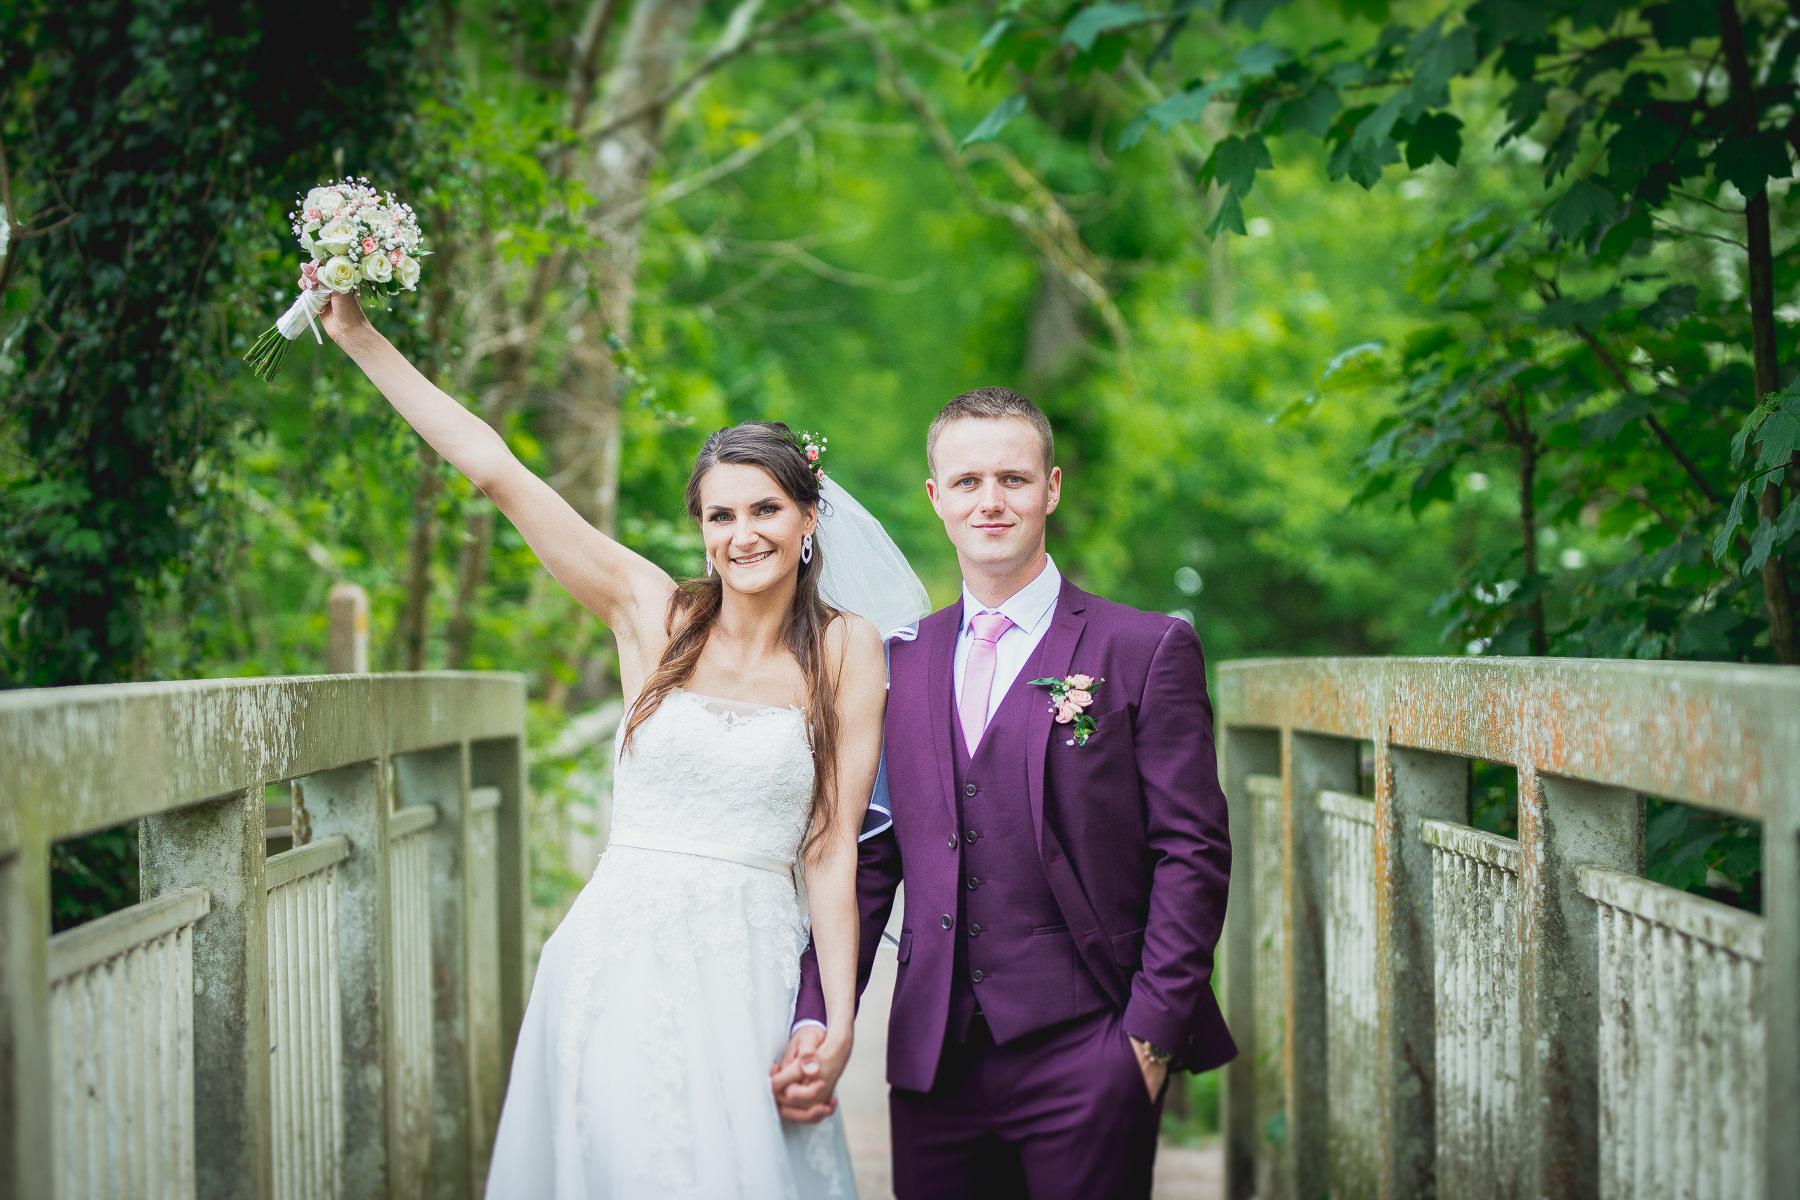 Dangira & Ignas Chichester Weddings VILCINSKAITE PHOTO 1.jpg